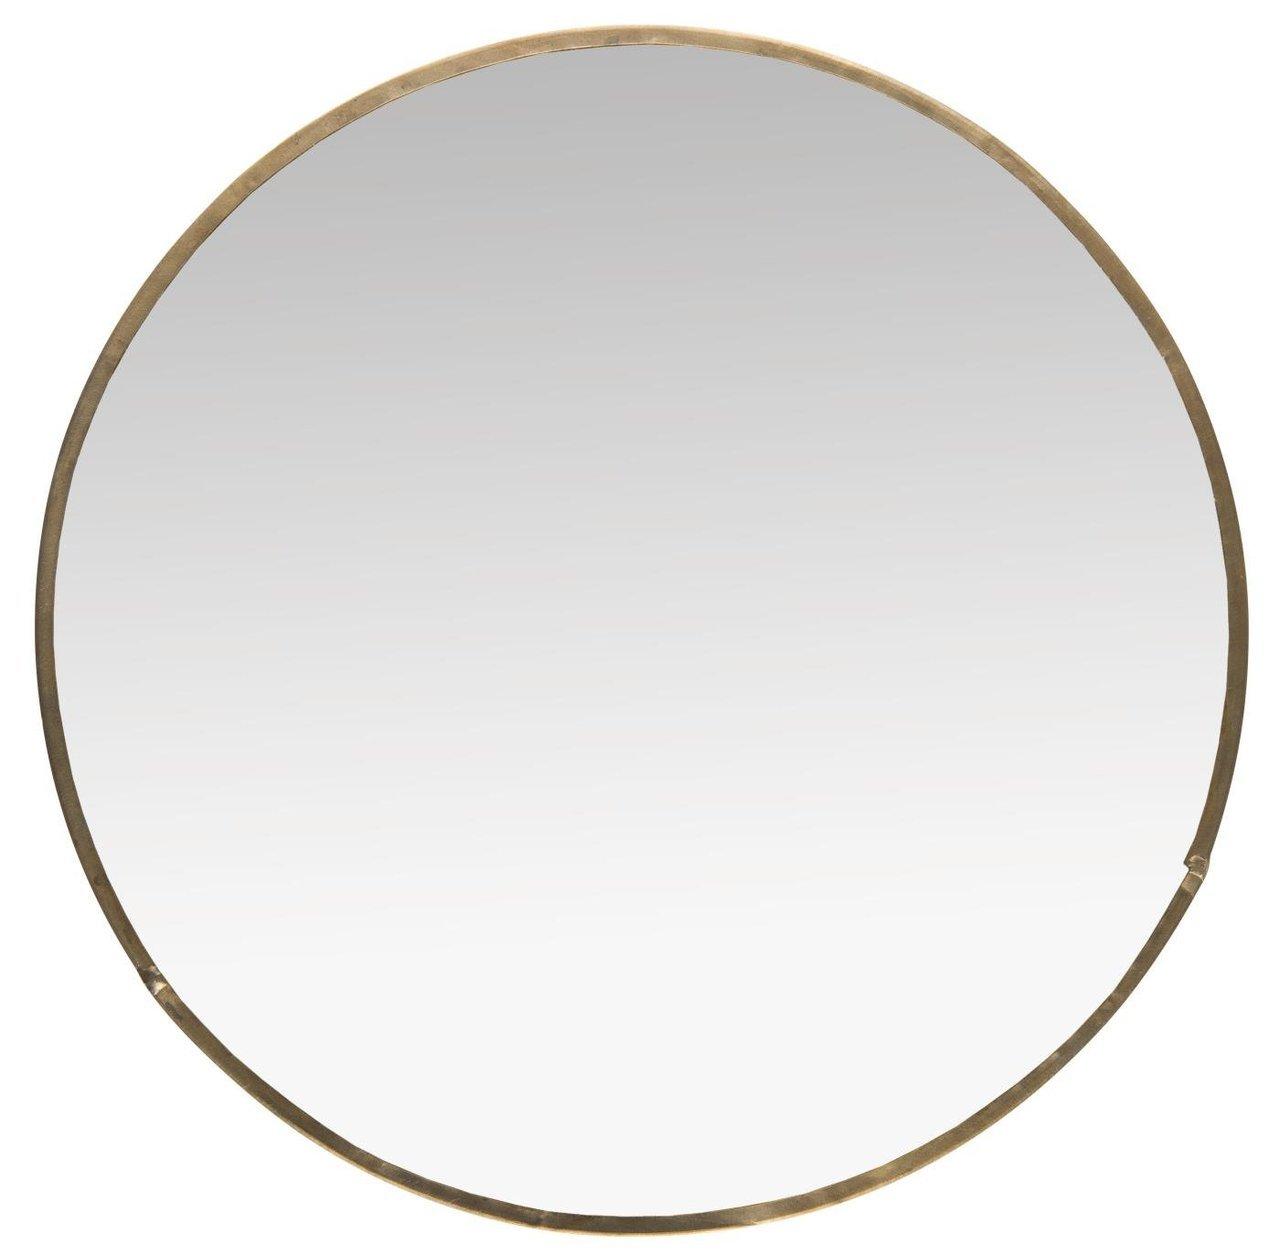 Ib Laursen Spiegel rund stehend oder hängend